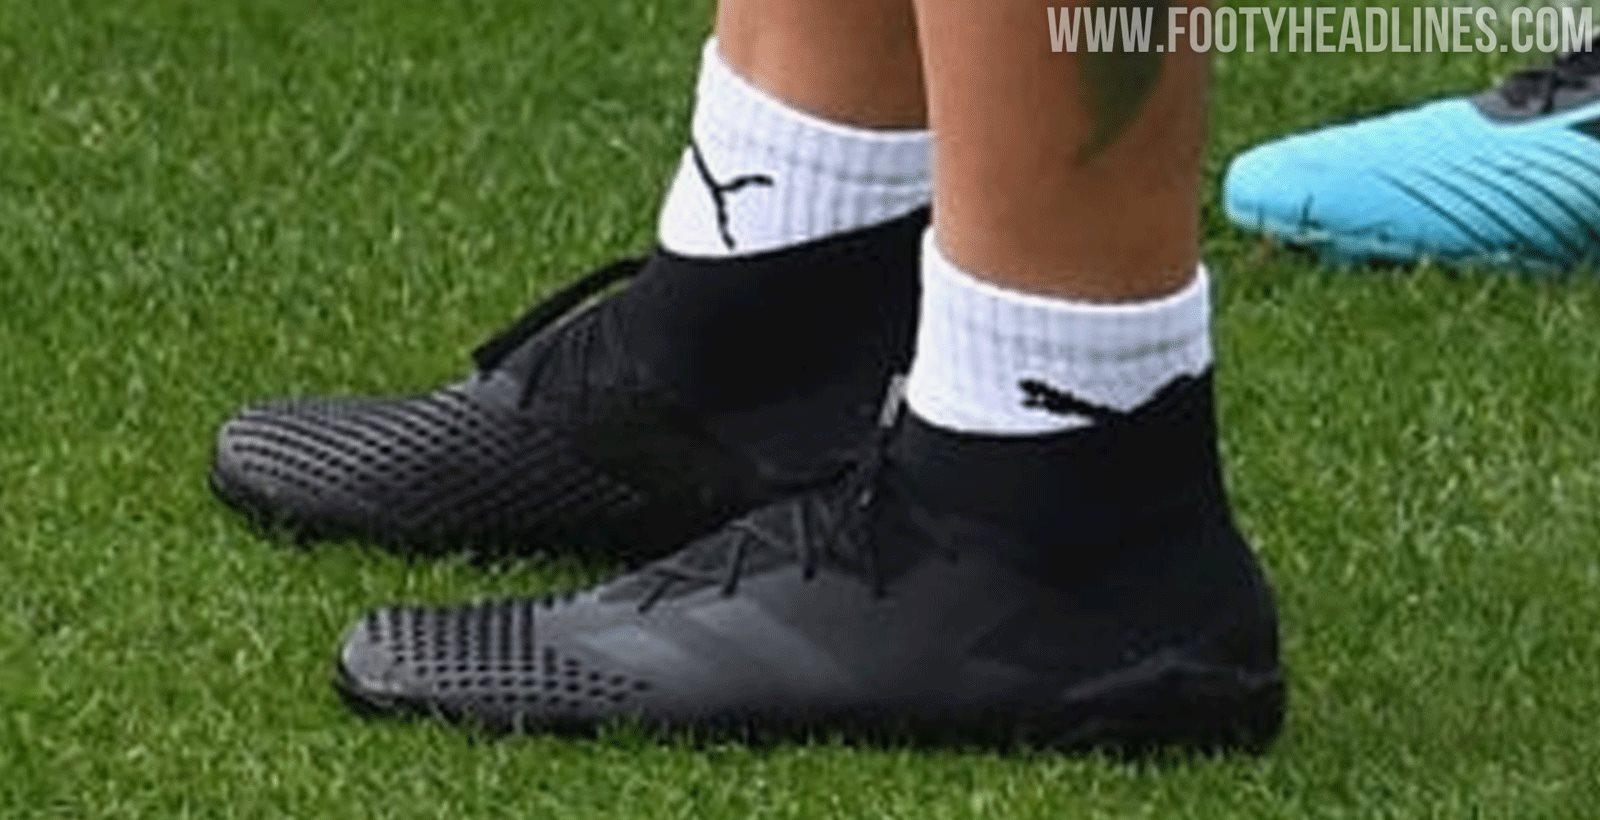 Adidas Predator Mutator 20.1 Artificial Grass Boots Mens.